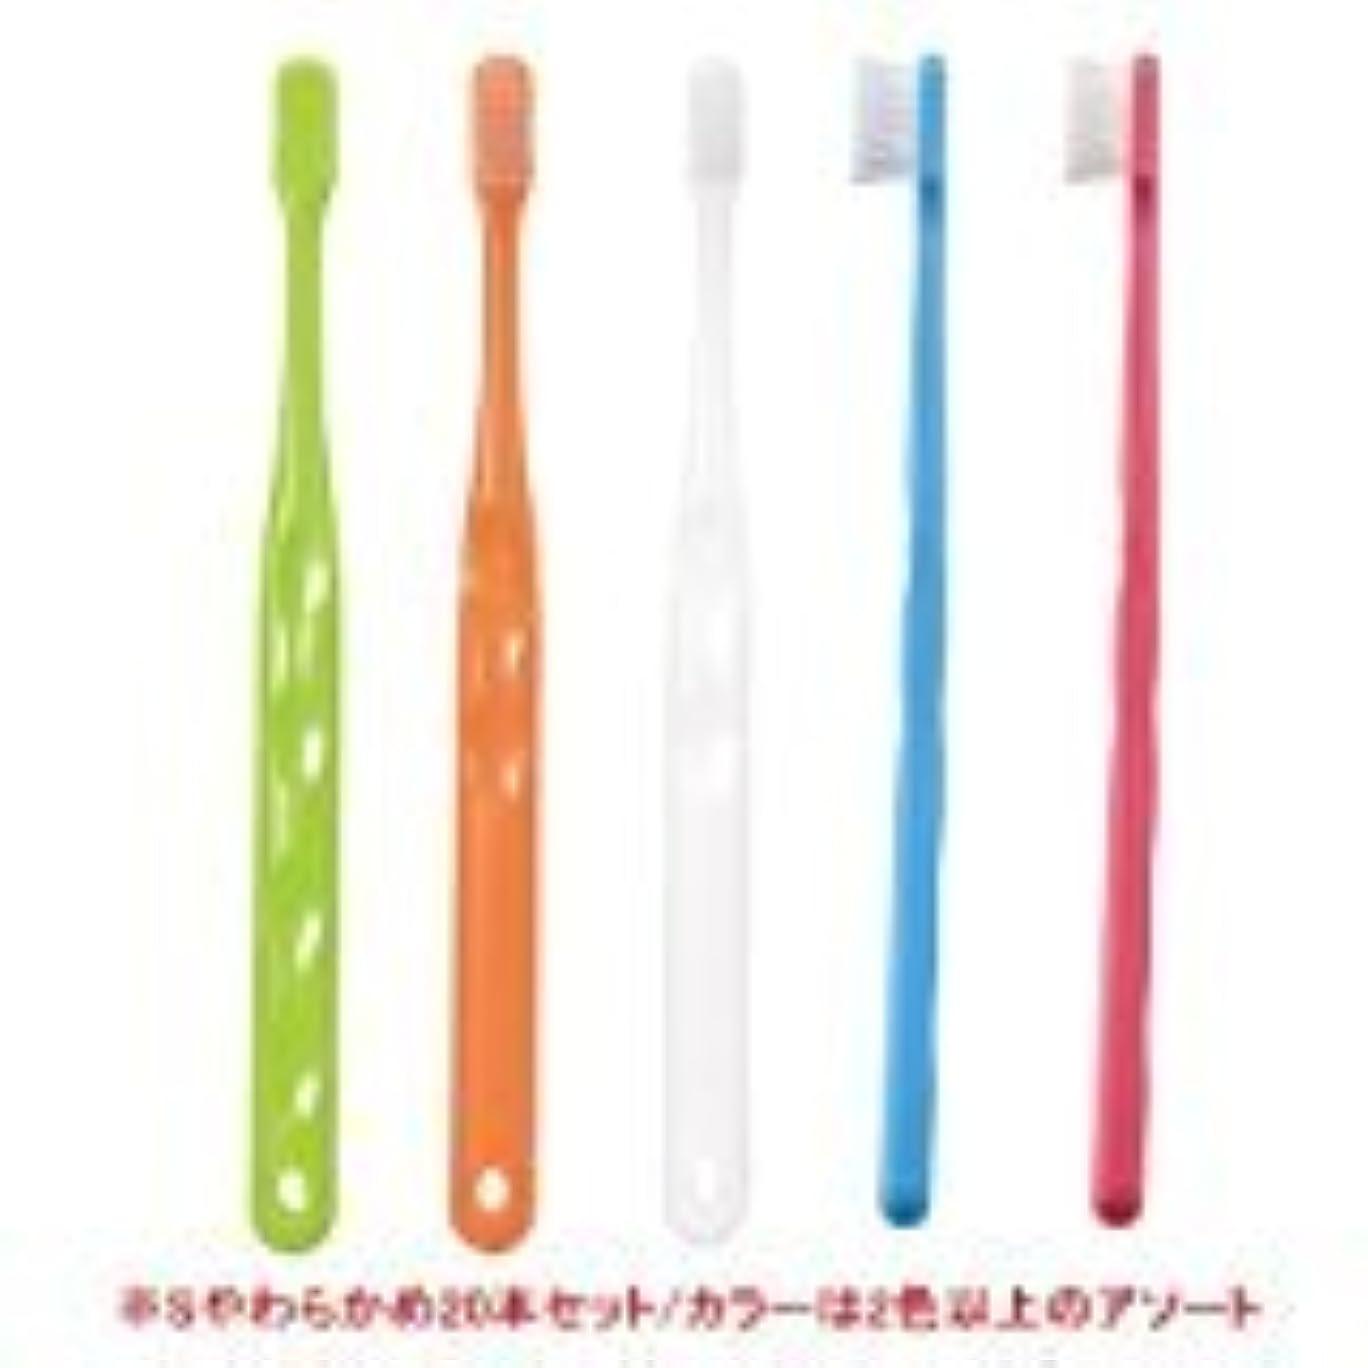 ビリーヤギジュース意味Ciメディカル Ci700 超先細 ラウンド毛 歯ブラシ 20本 (Mふつう)